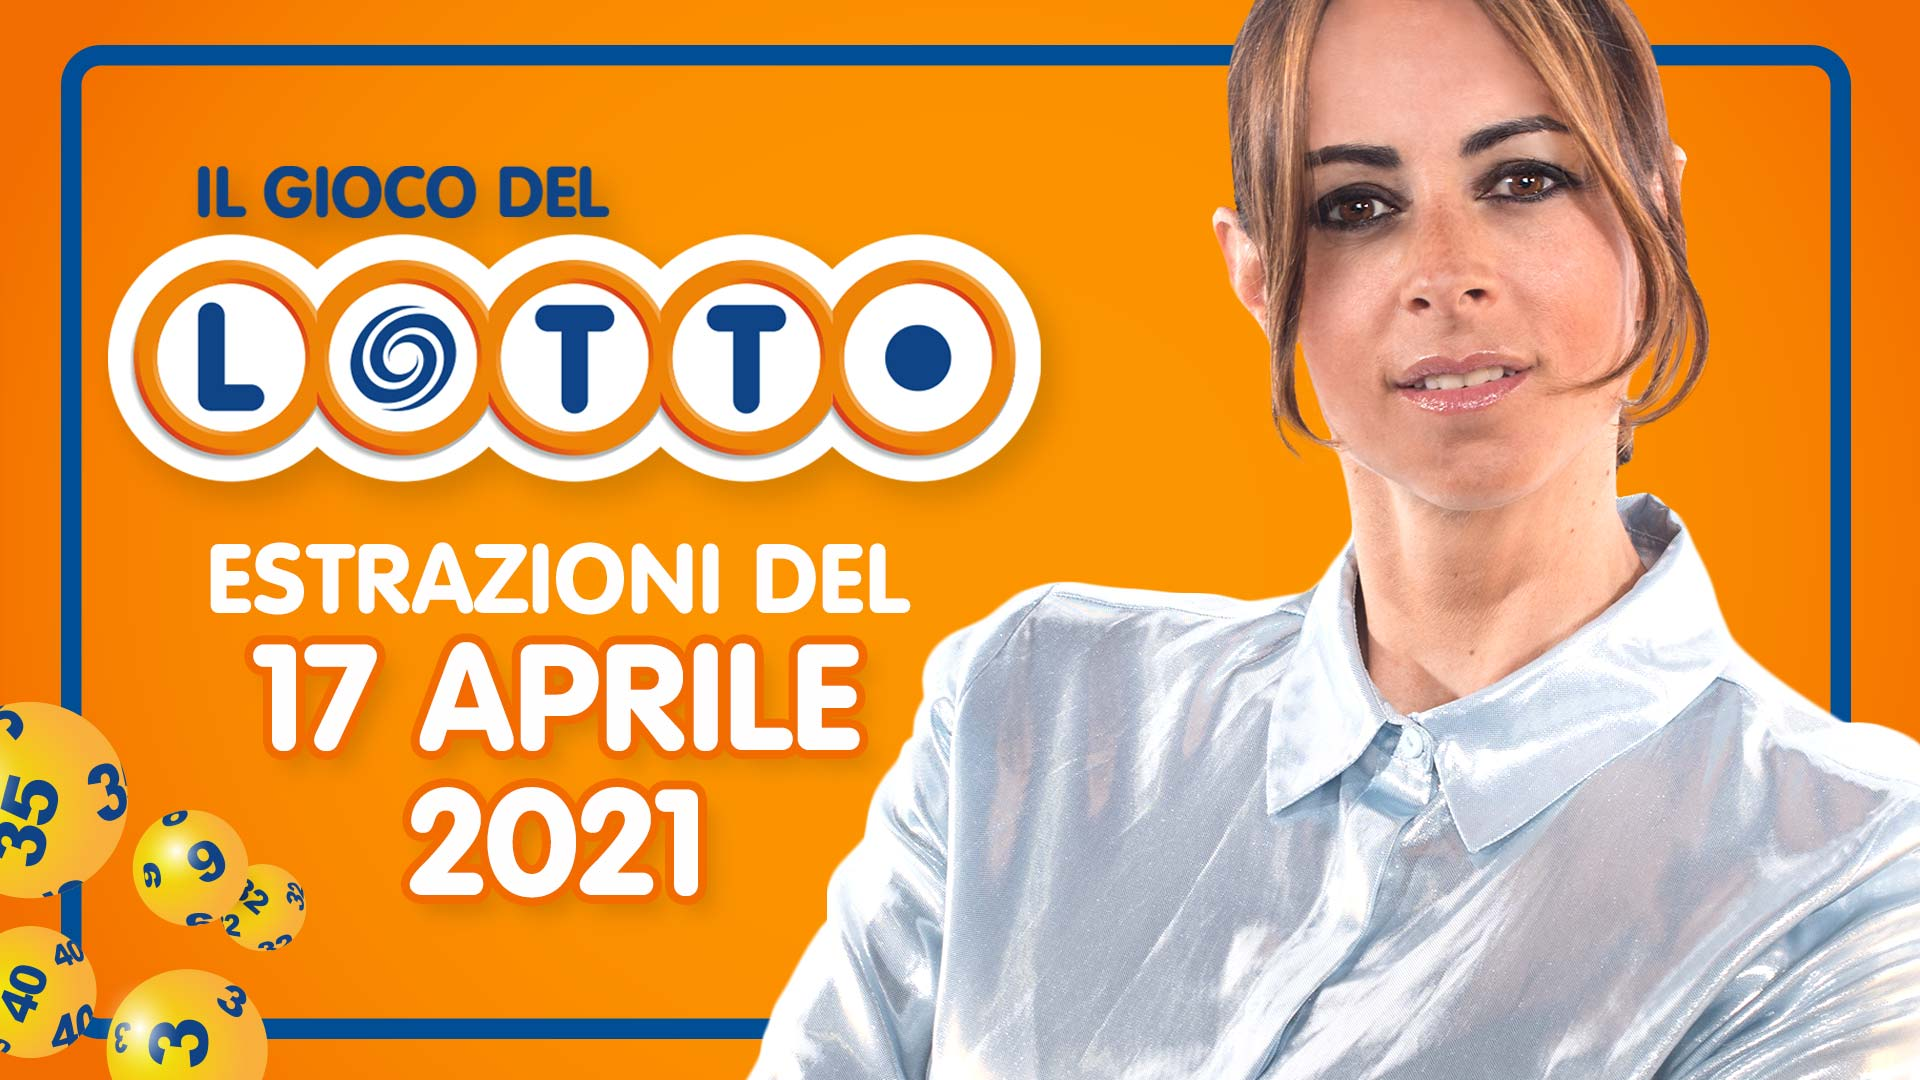 Estrazione lotto 17 aprile 2021 Lotto oggi estrazione vincente superenalotto oggi 10elotto serale simbolotto numeri vincenti ufficiali verifica vincite giovedì conduce Serena Garitta